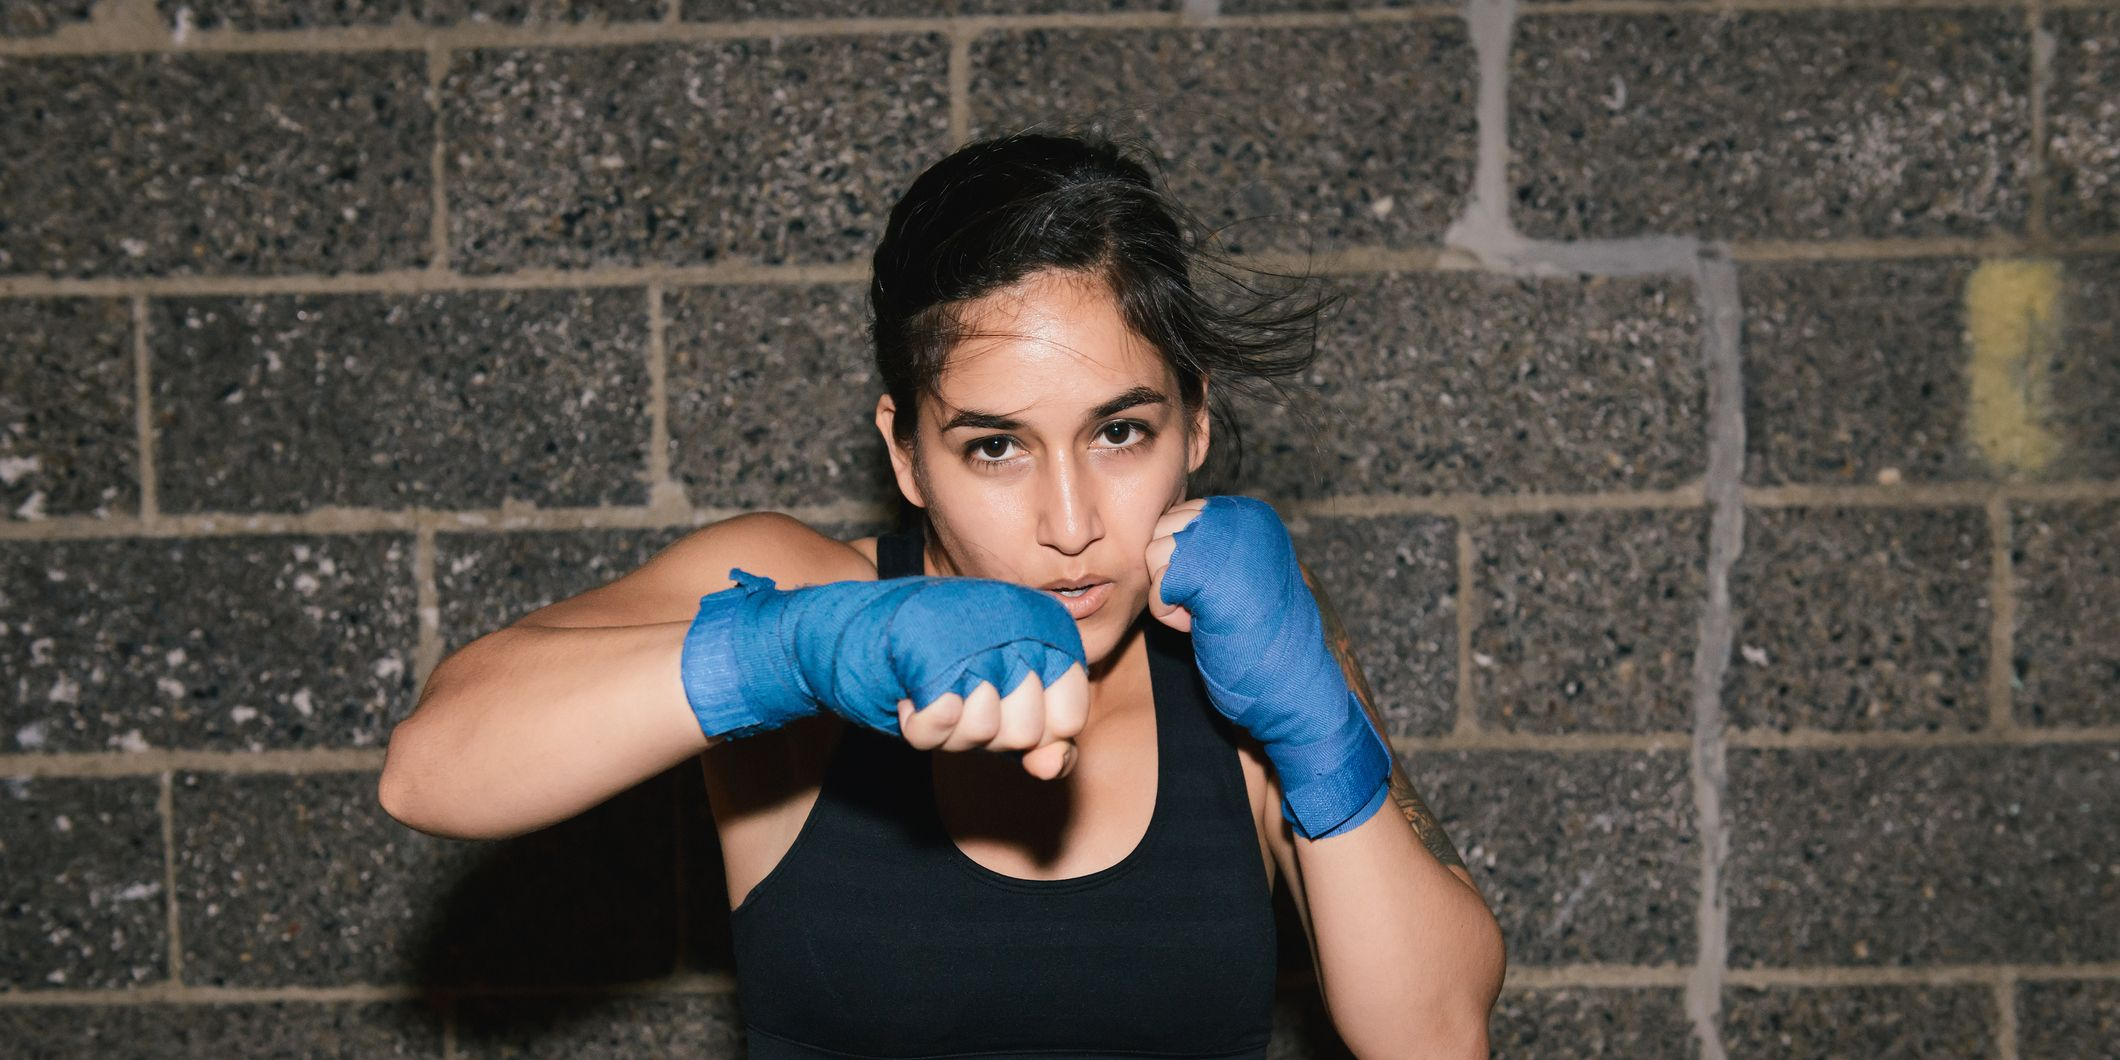 La boxe contro ansia, stress e depressione